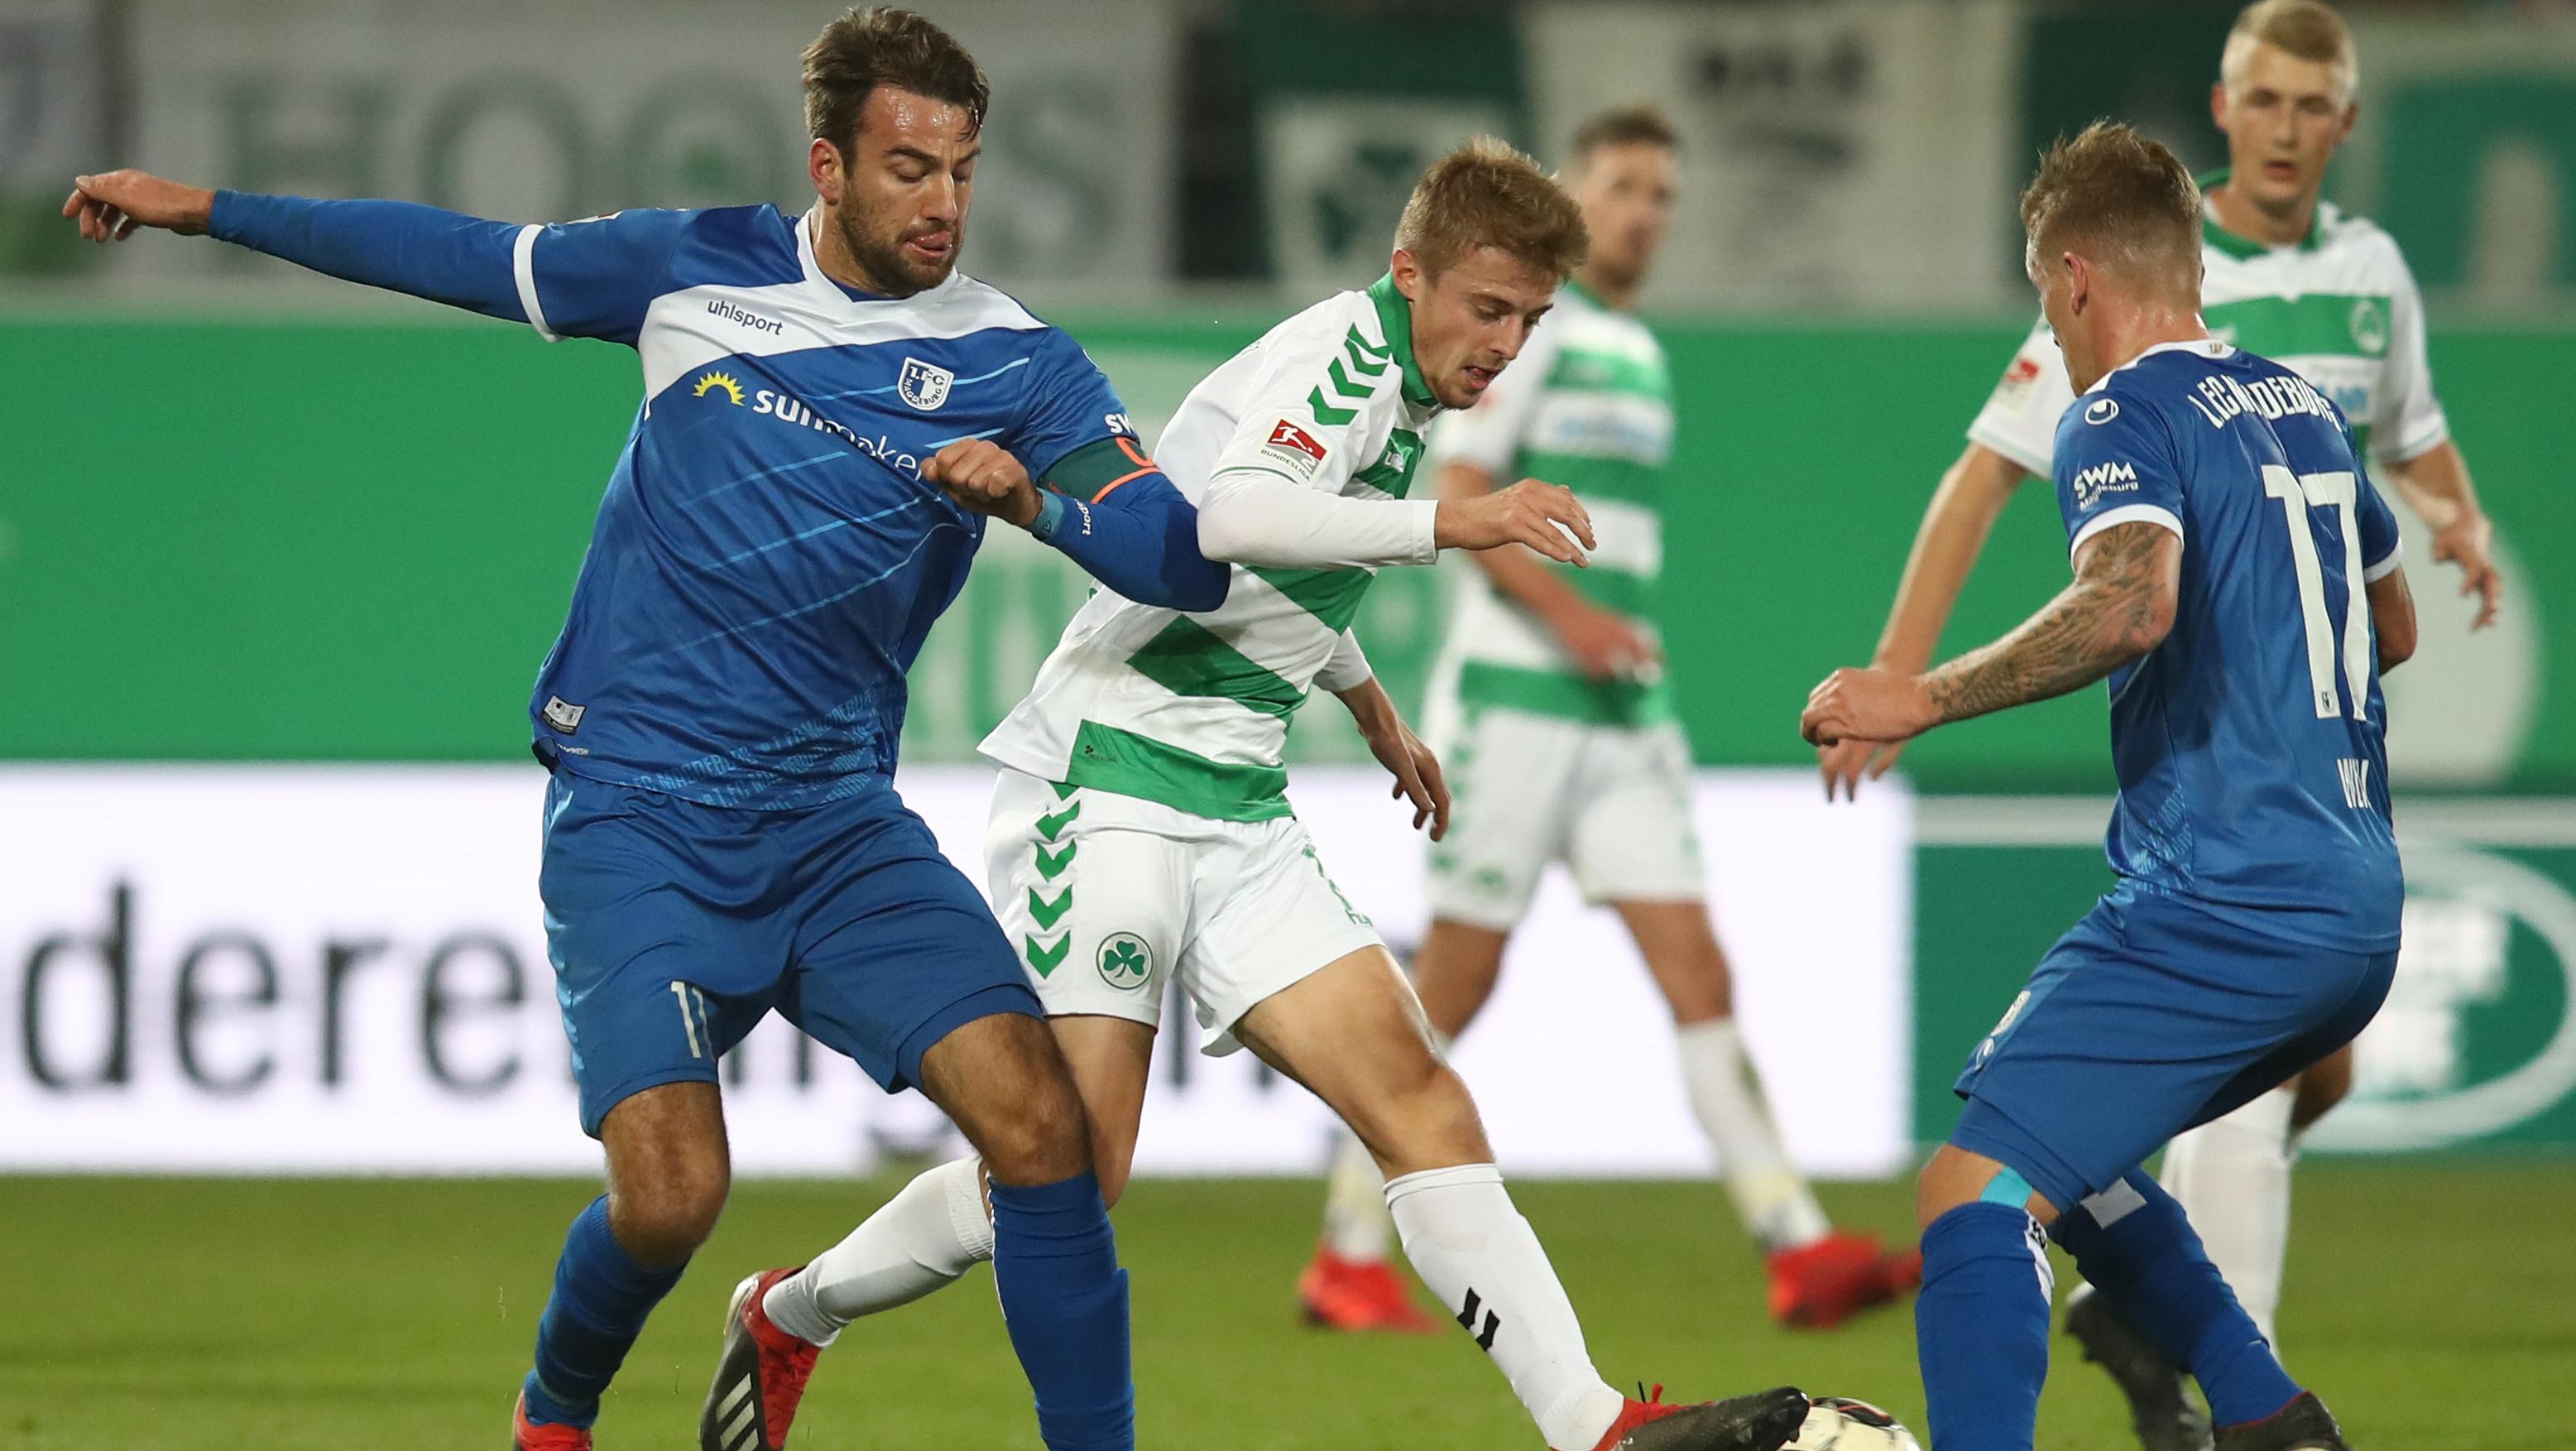 Spielszene SpVgg Greuther Fürth -1. FC Magdeburg